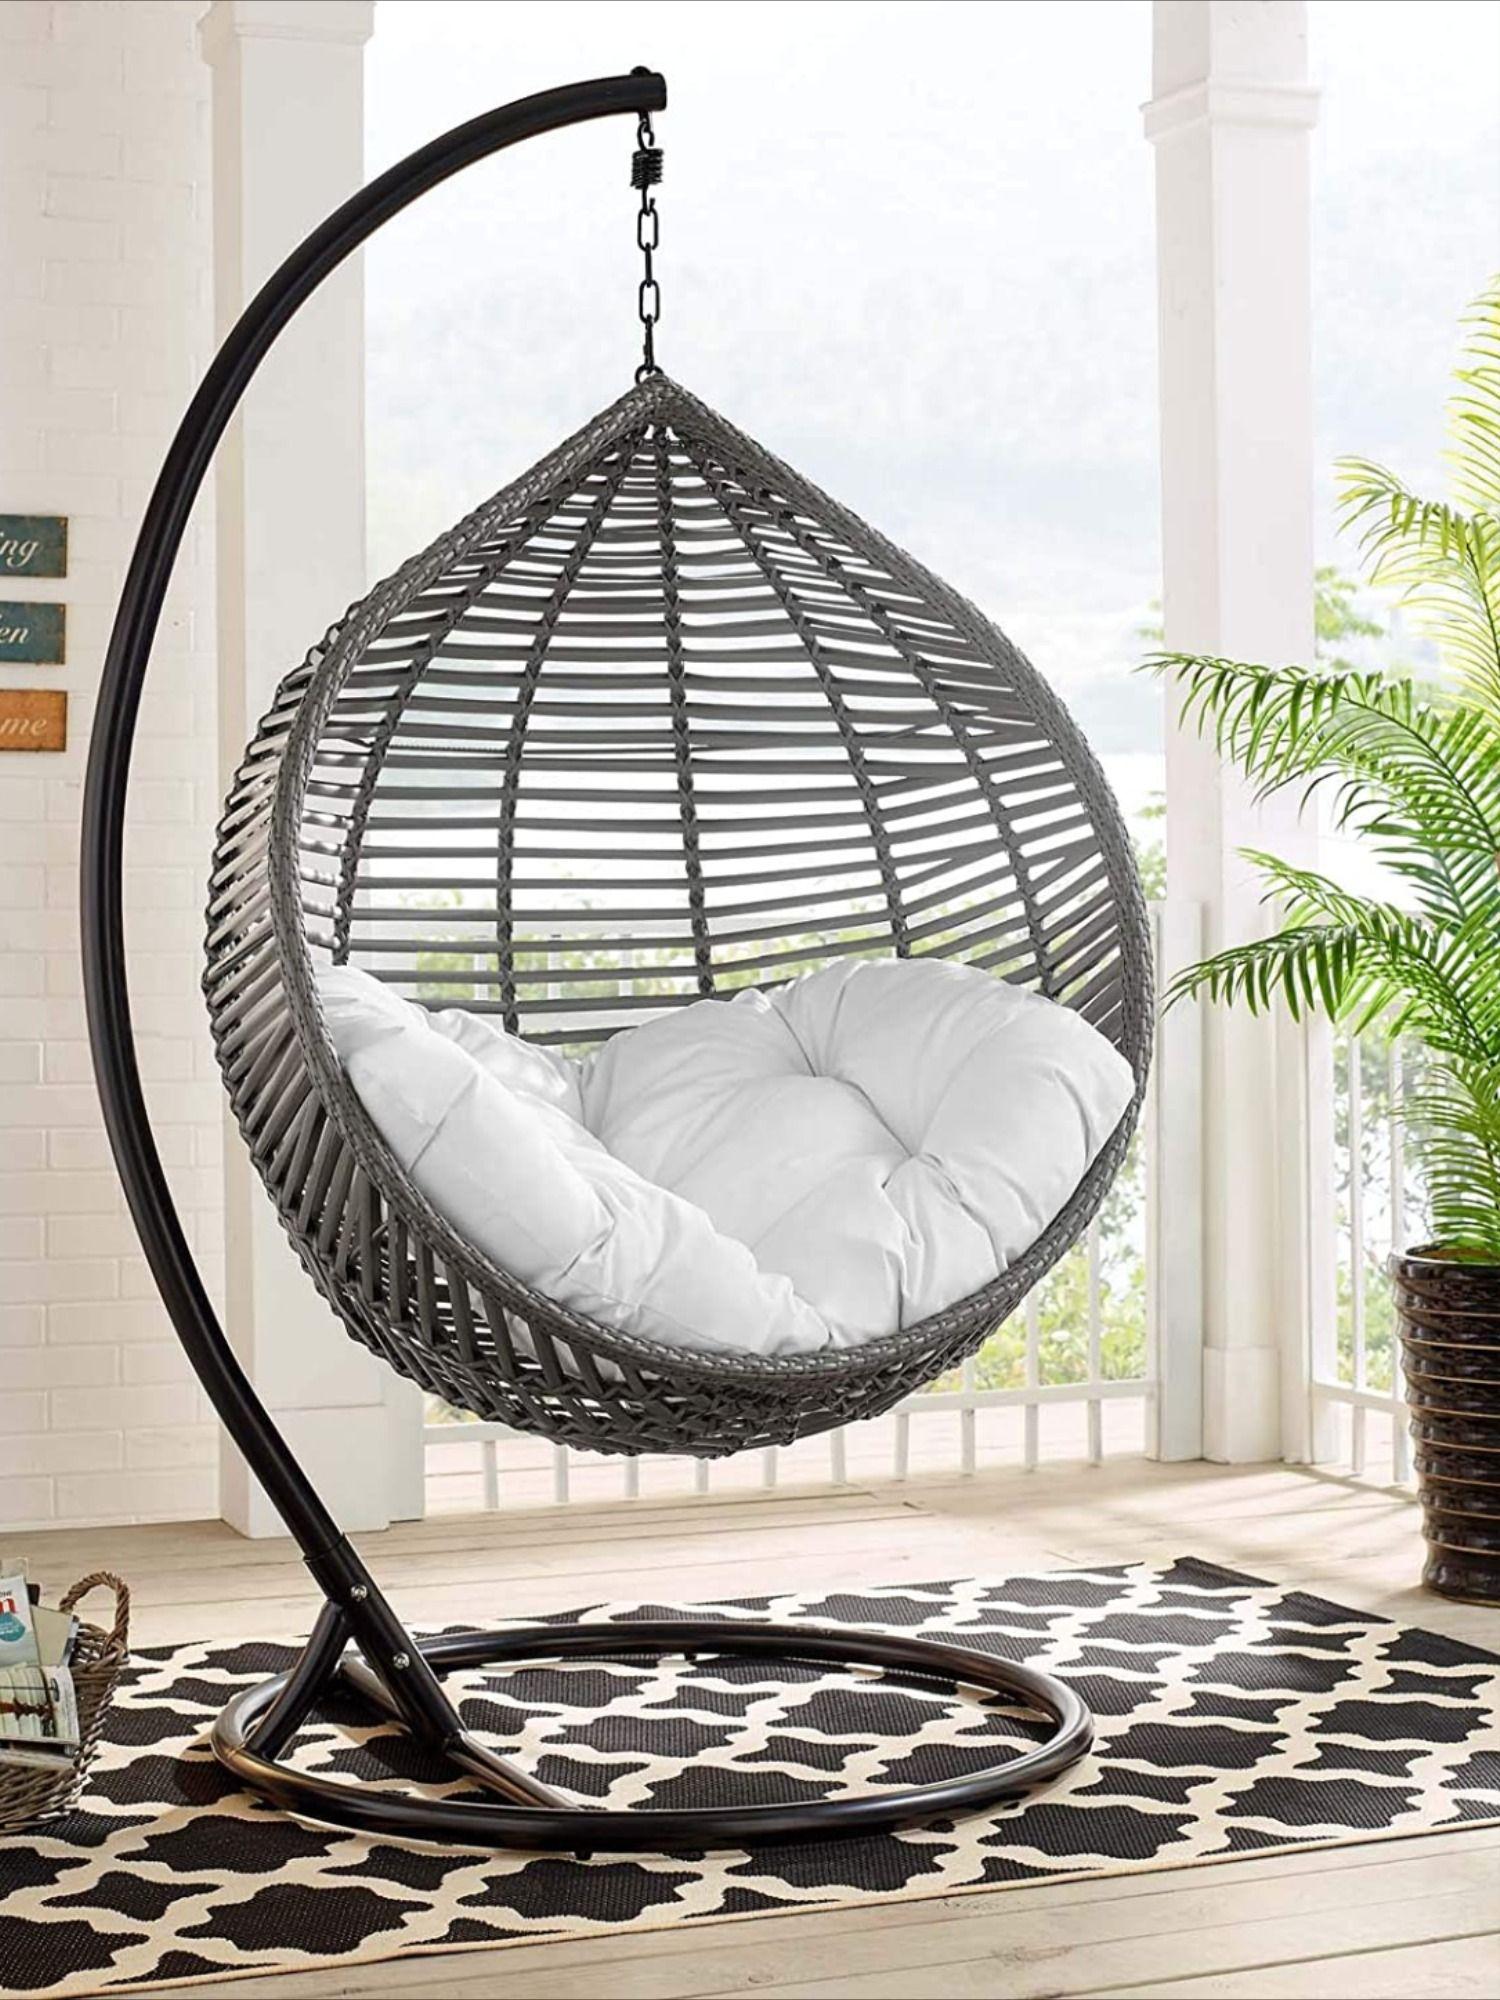 Outdoor Patio Wicker Rattan Teardrop Swing Chair In 2020 Swing Chair Outdoor Patio Swing Chair Outdoor Patio Swing